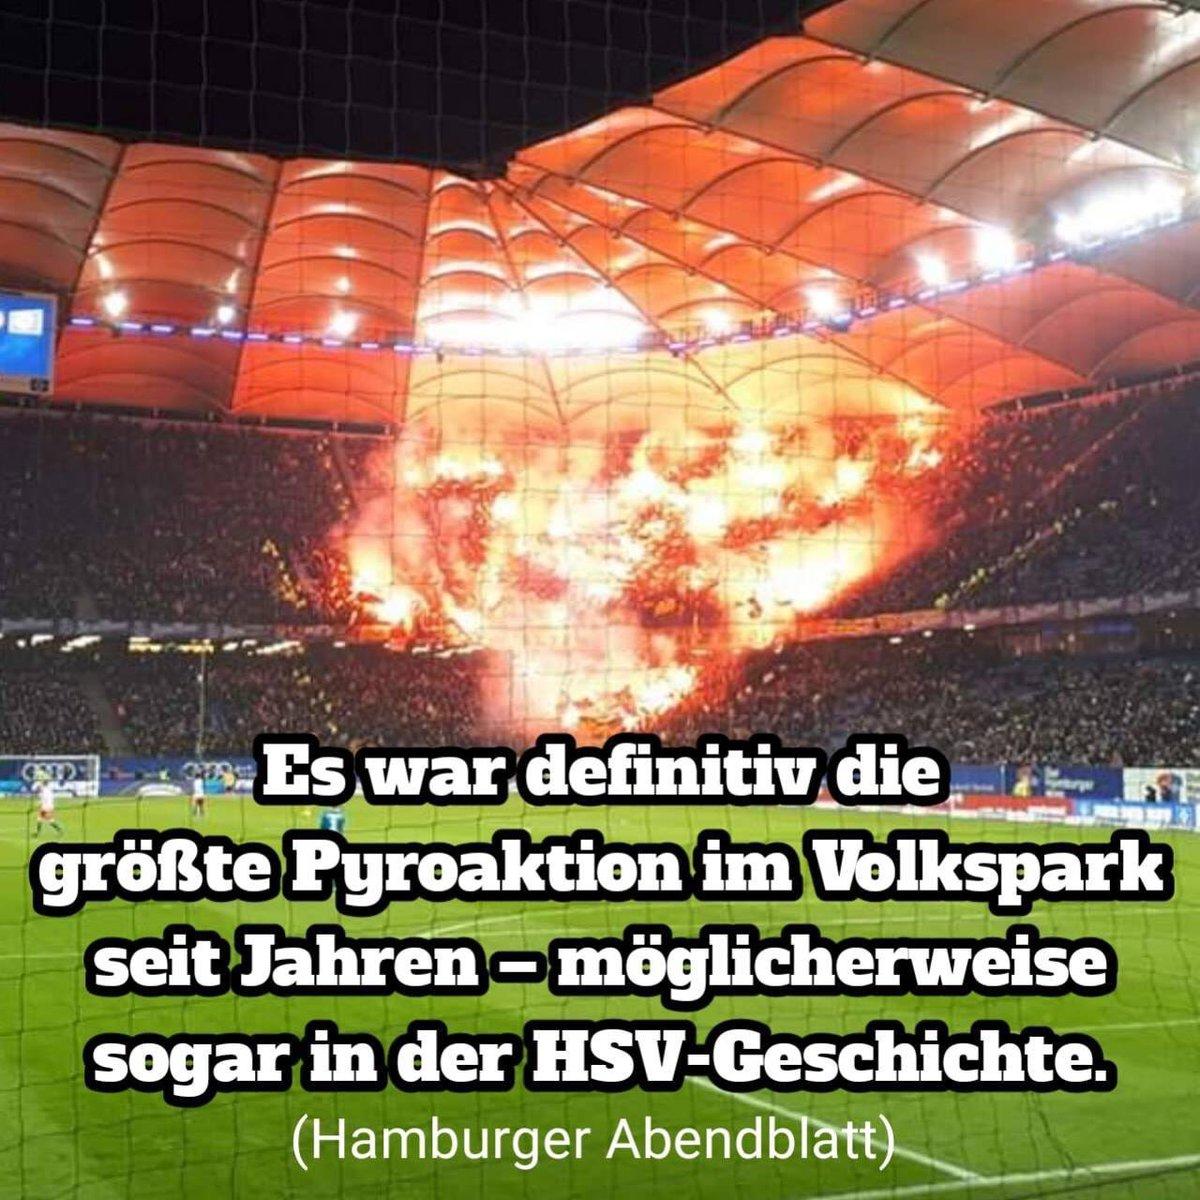 RT @brauninho: Wir haben #HSV Geschichte geschrieben 💪🏻🖤💛  #HSVSGD #sgd1953 https://t.co/opgrvVDWqu